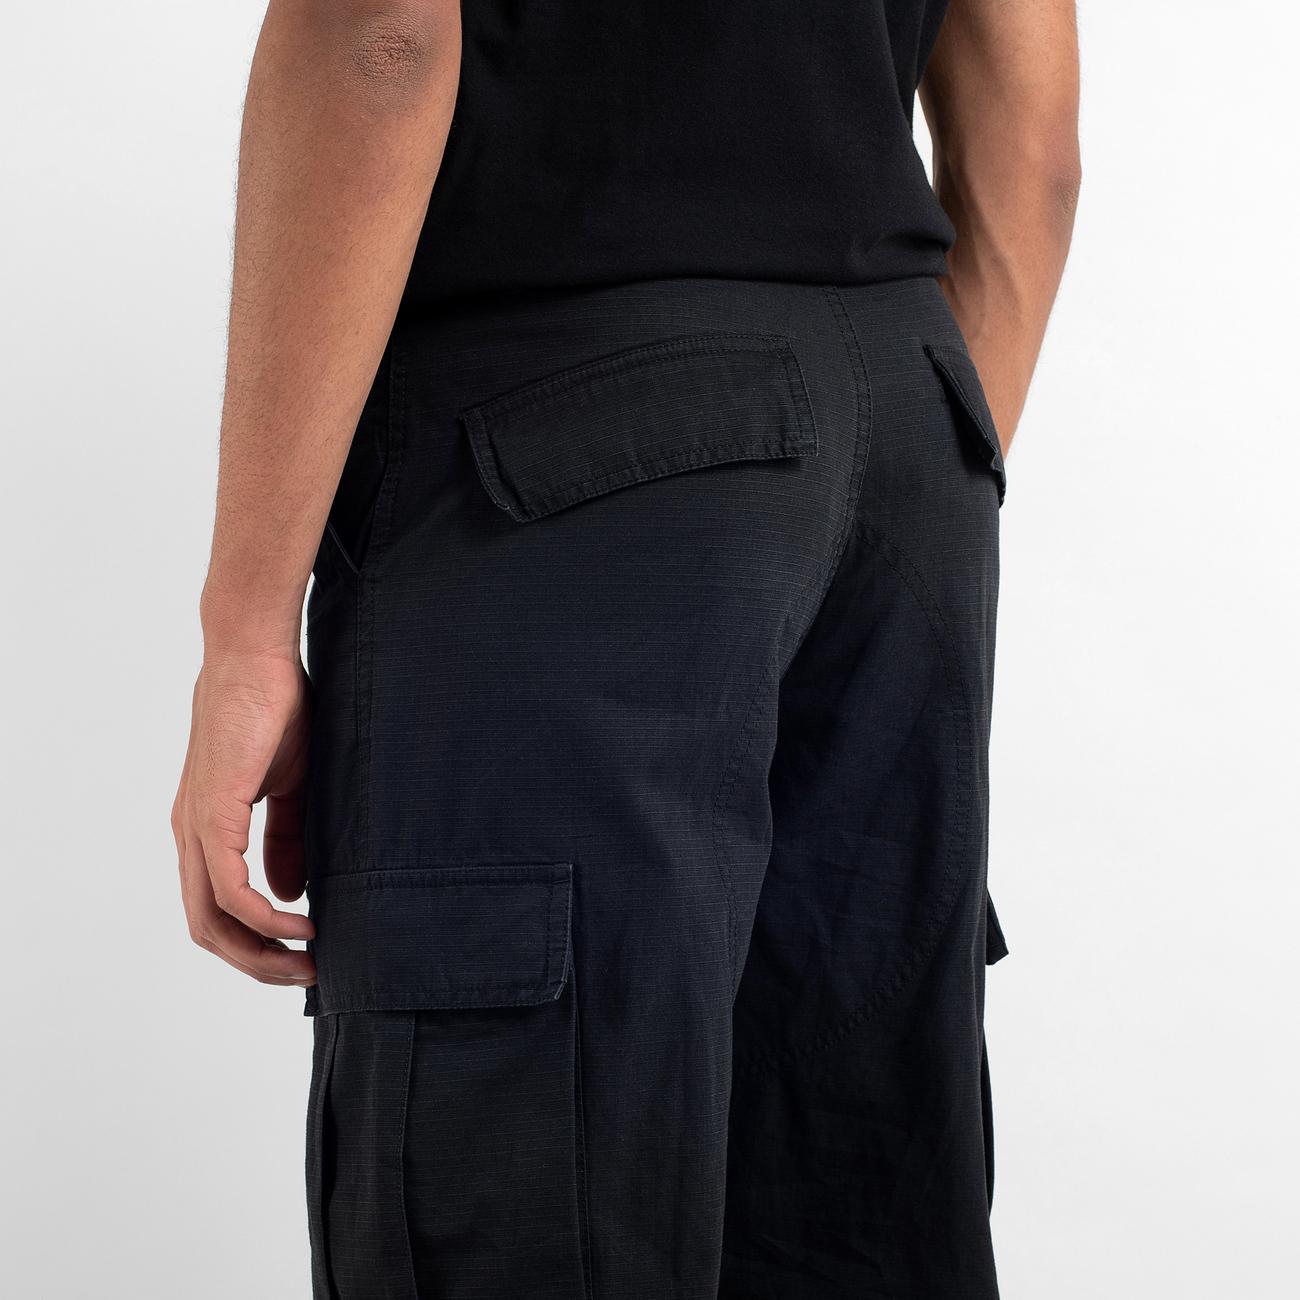 Pants Kinna Black